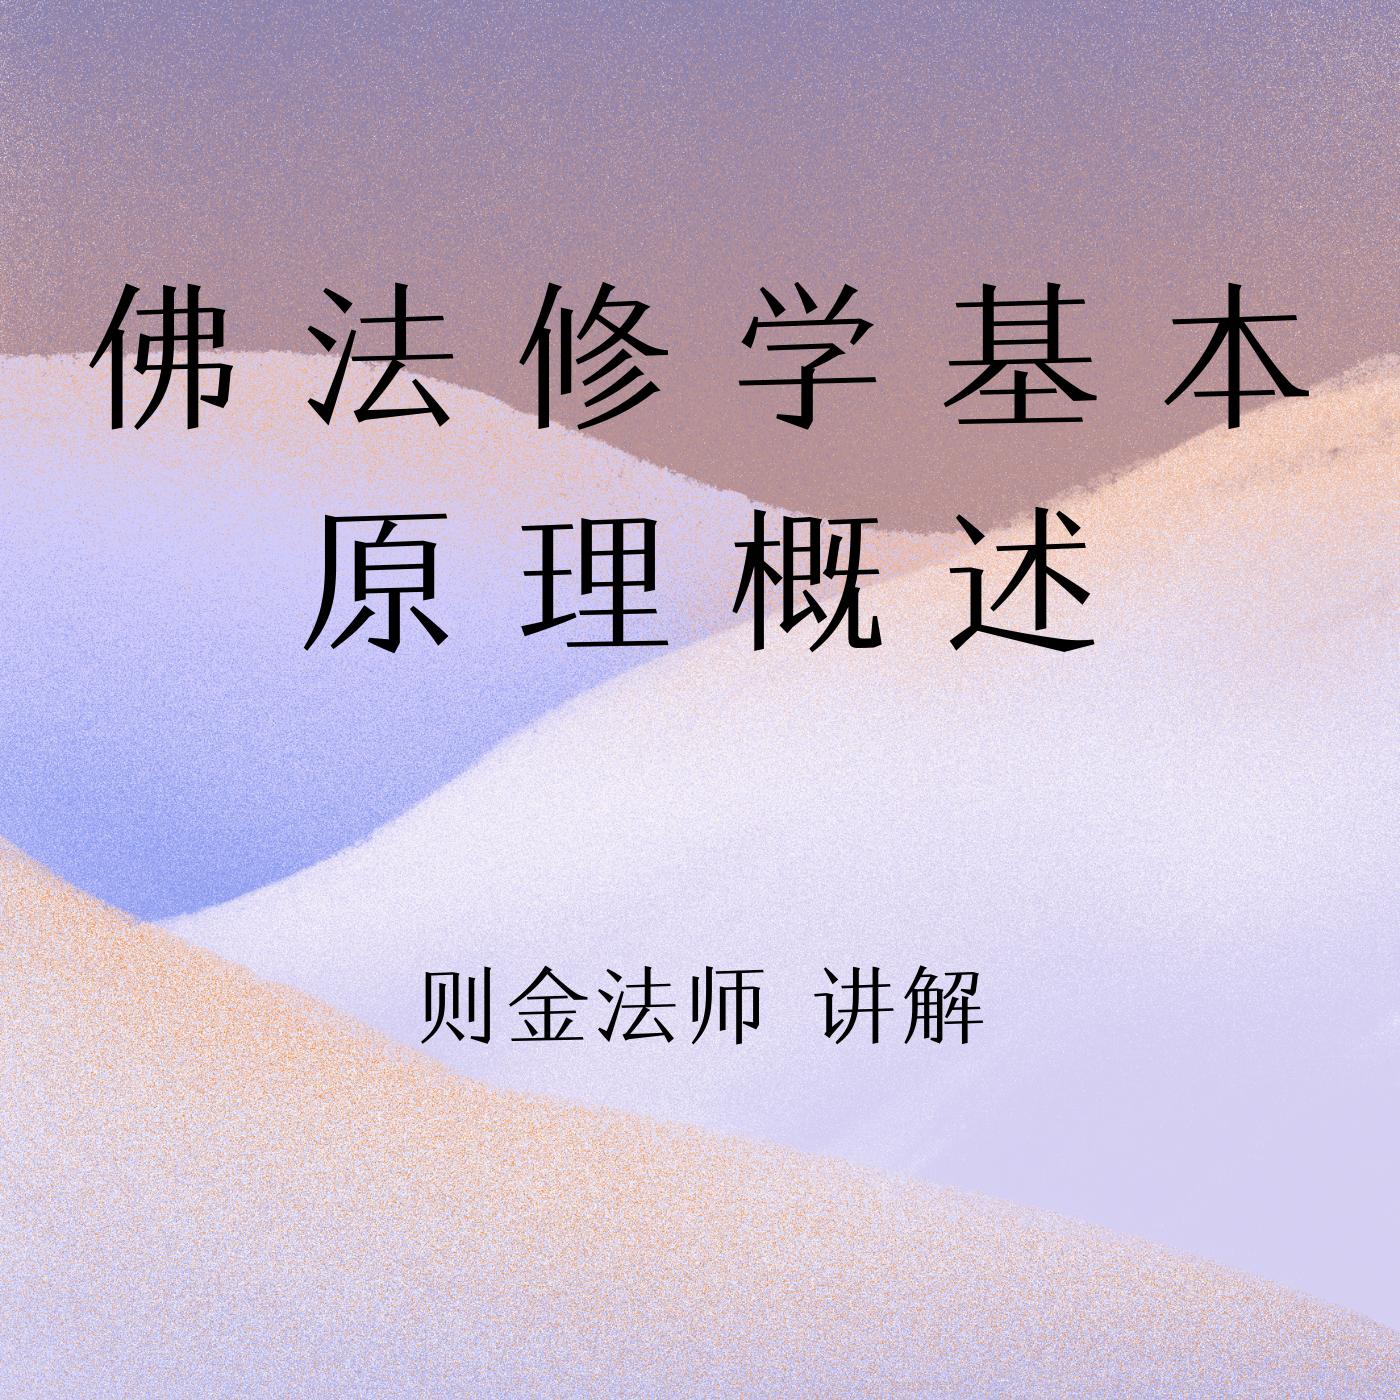 佛法修学基本原理概述(则金法师讲解)